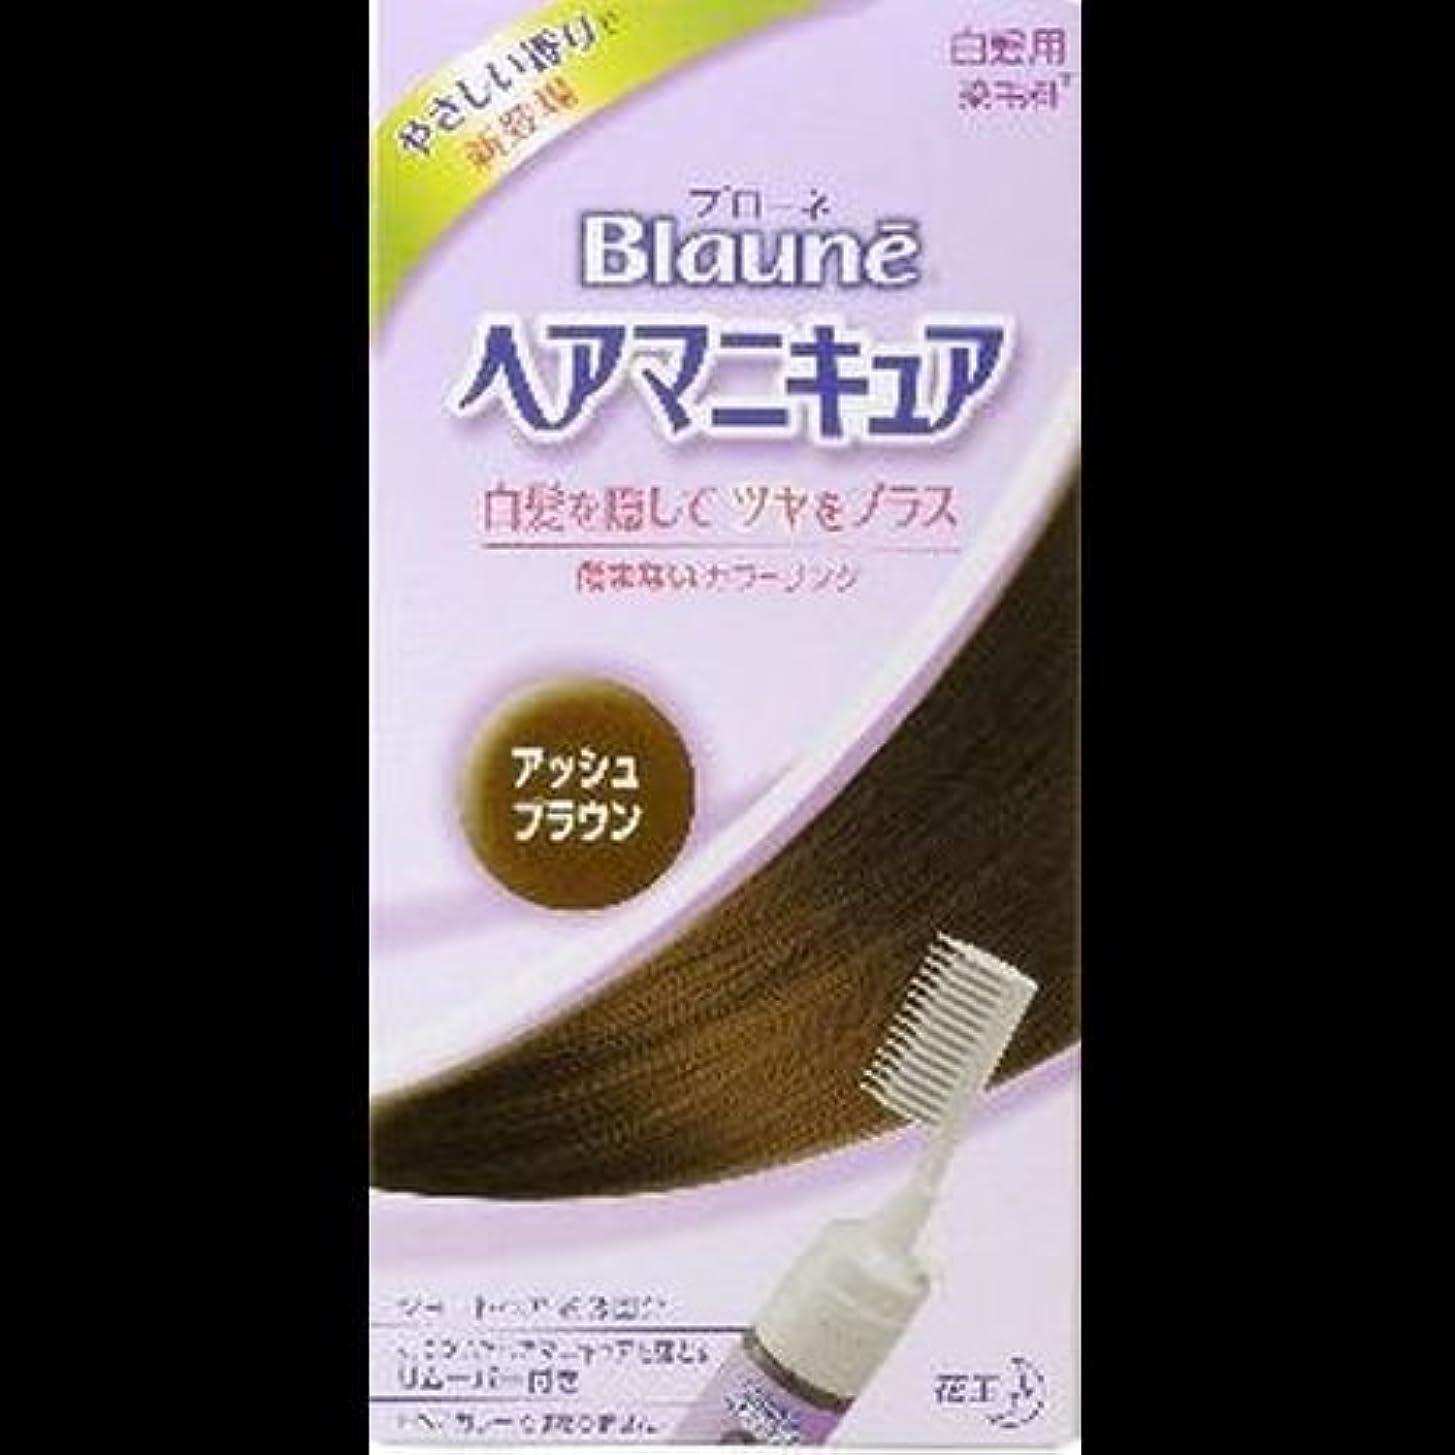 適格石の軽減【まとめ買い】ブローネヘアマニキュア アッシュブラウン クシ付 ×2セット